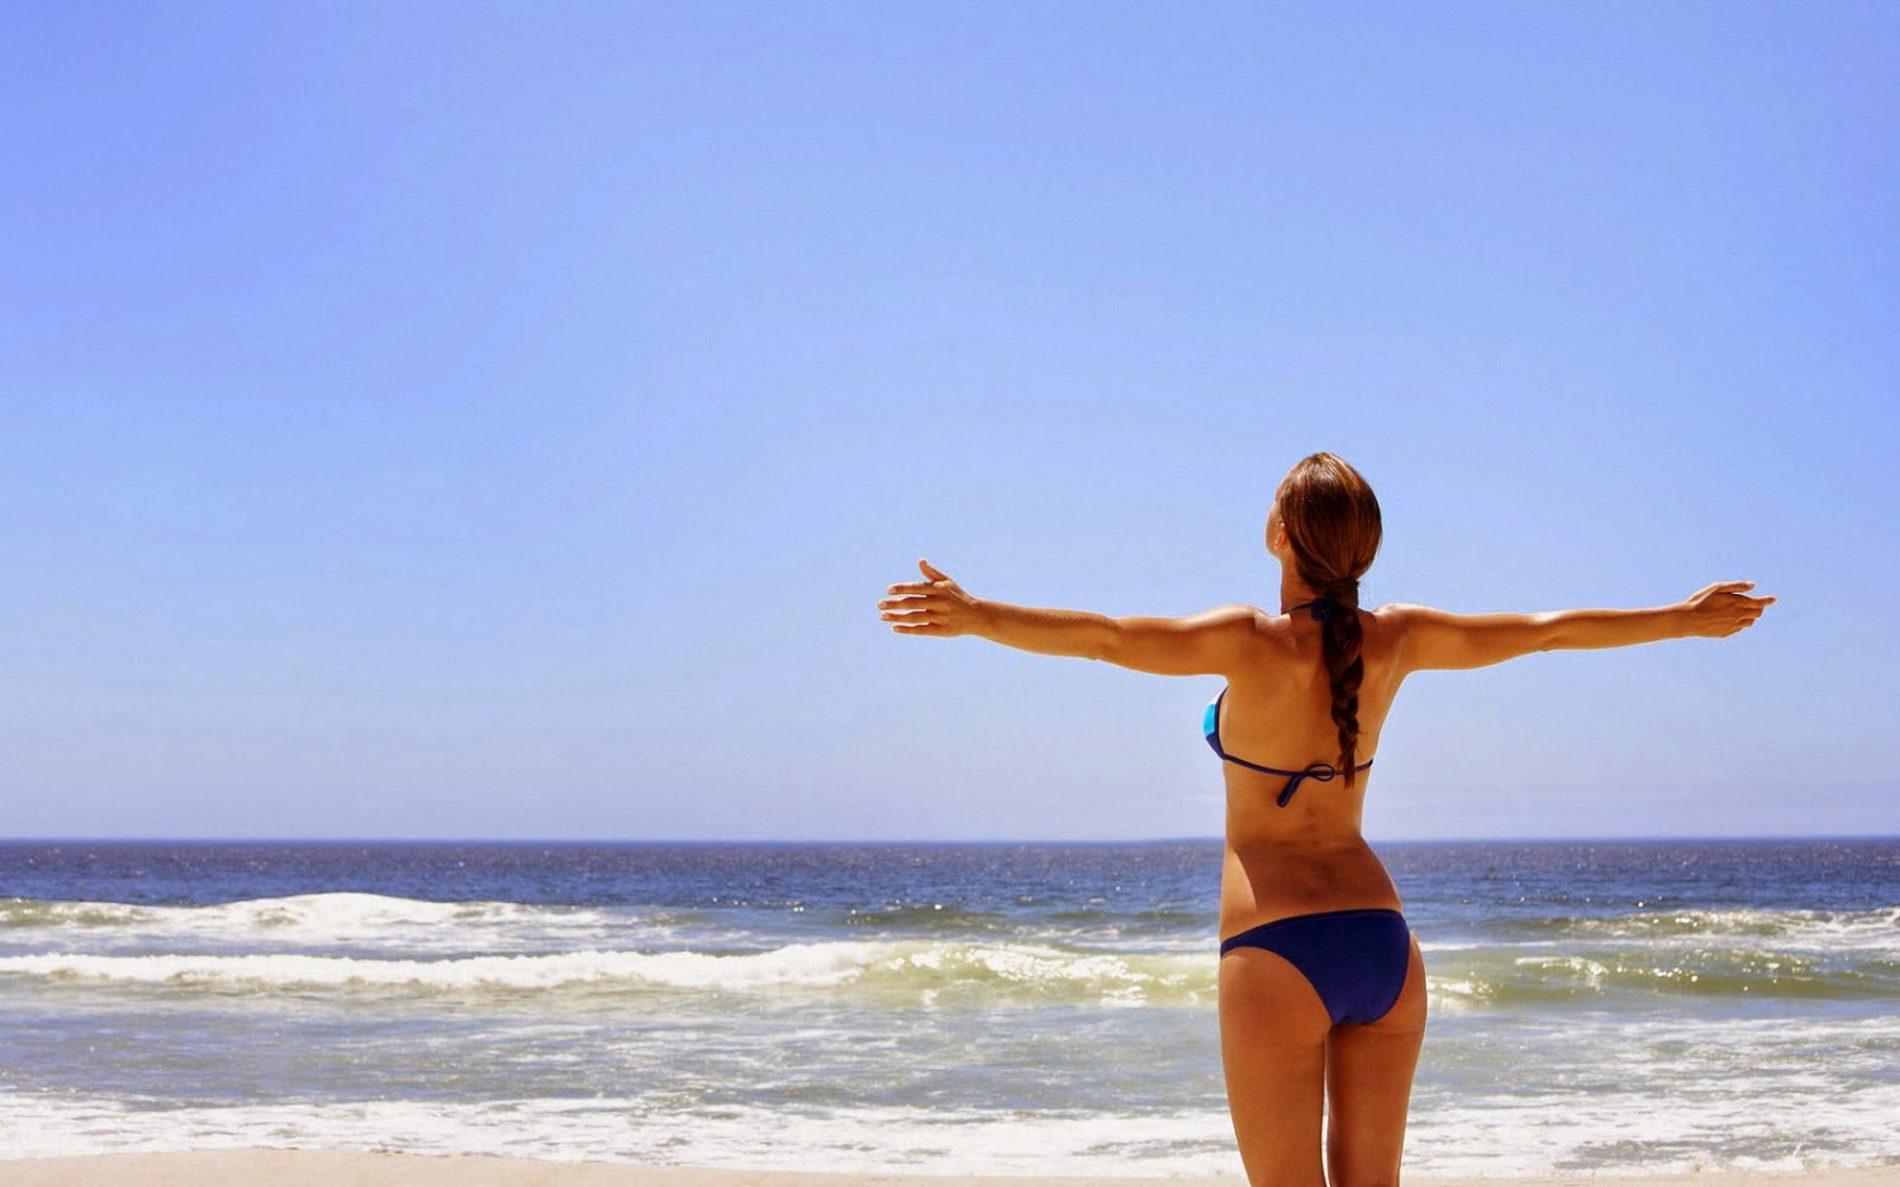 La vita d'estate ti aiuta a smettere